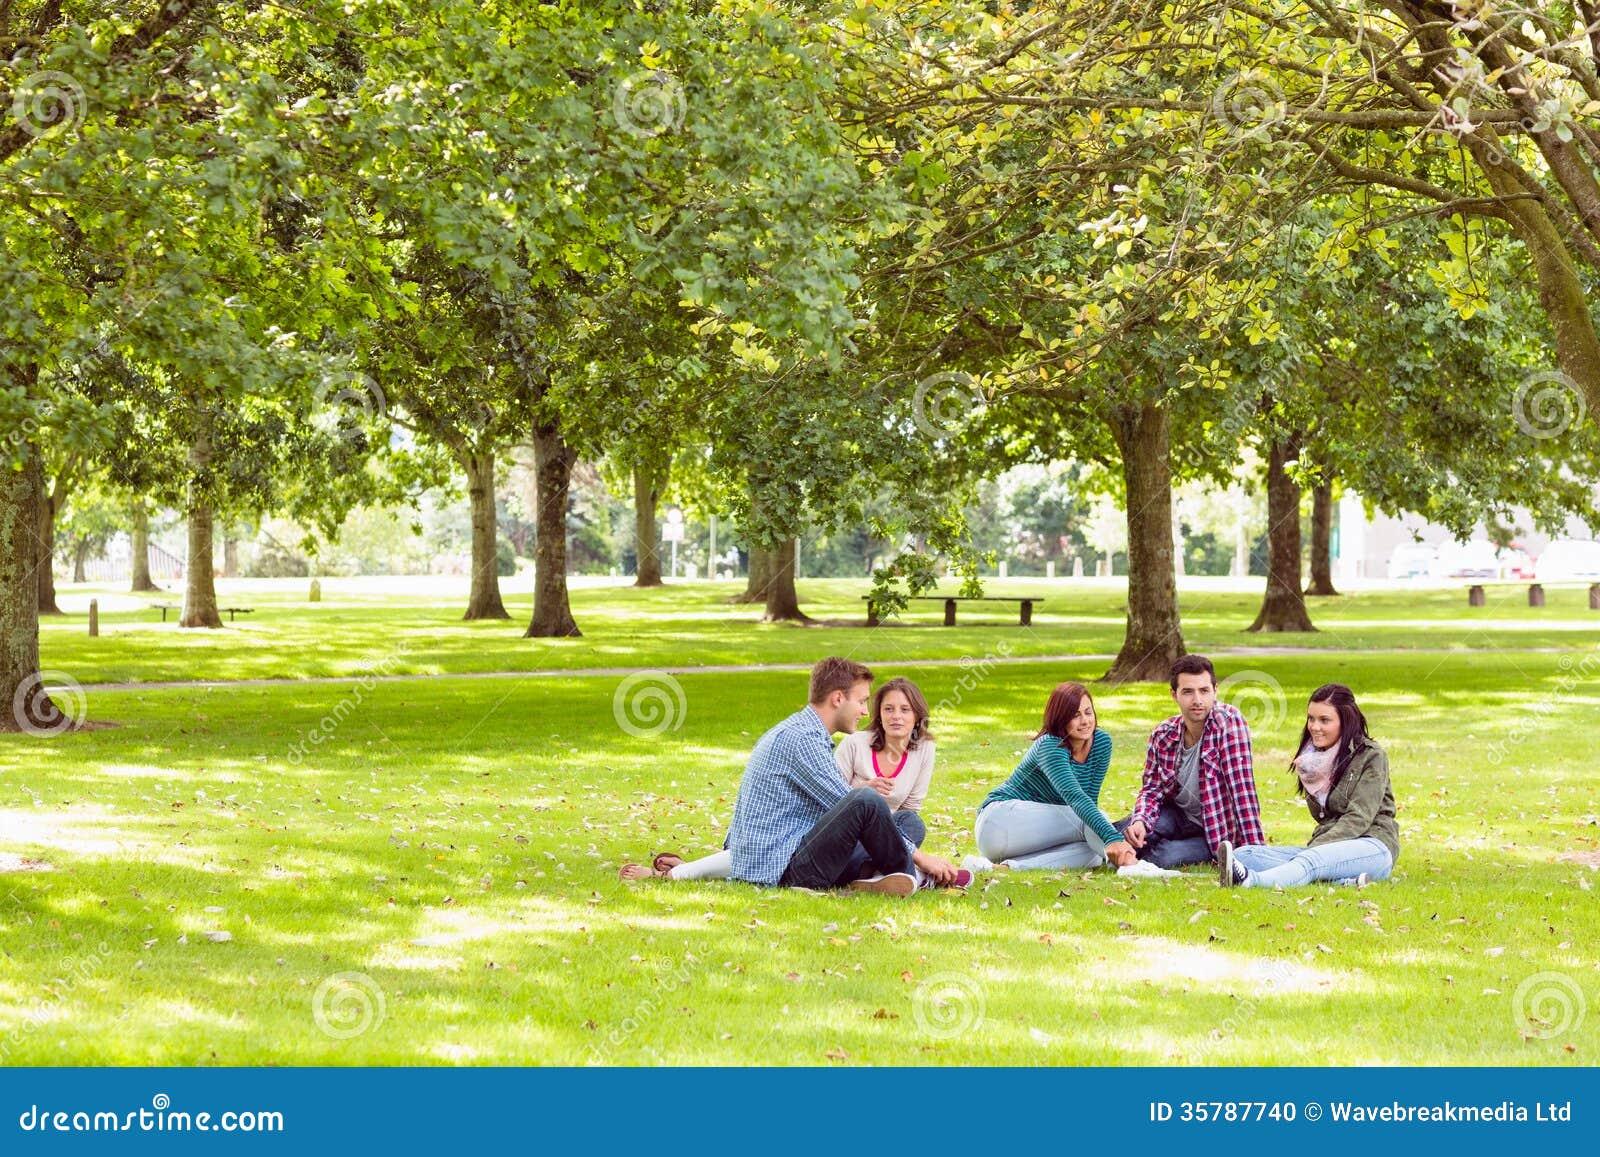 Studenten, die auf Gras im Park sitzen